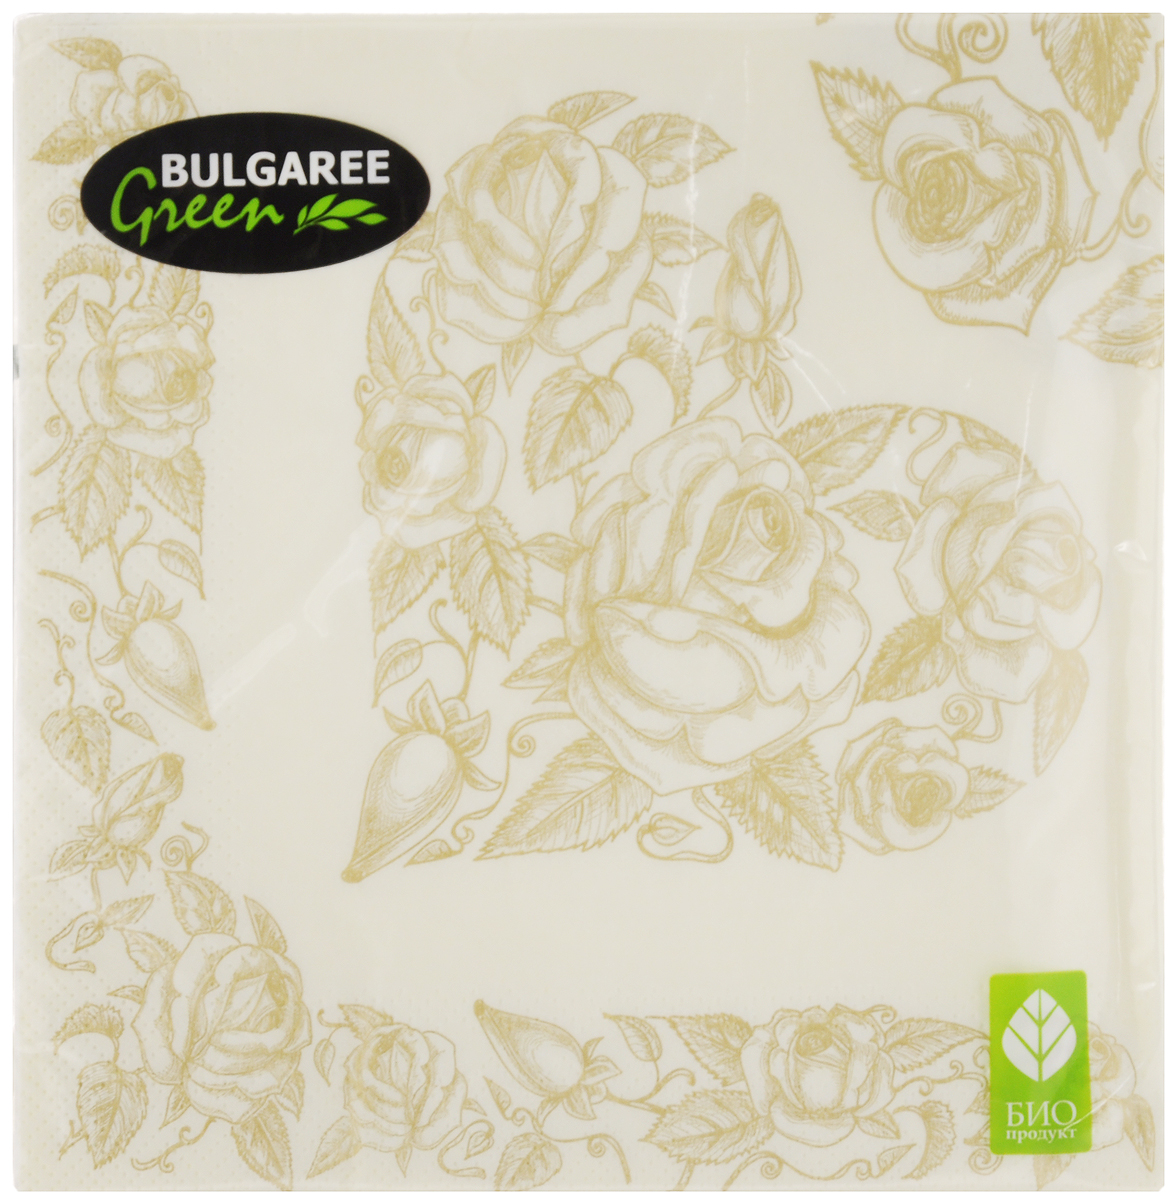 Салфетки бумажные Bulgaree Green Золотое сердце, трехслойные, 33 х 33 см, 20 штCDF-16Декоративные трехслойные салфетки Bulgaree Green Золотое сердце выполнены из 100%целлюлозы европейского качества и оформлены ярким рисунком. Изделия станут отличным дополнением любого праздничного стола. Они отличаются необычной мягкостью, прочностью и оригинальностью.Размер салфеток в развернутом виде: 33 х 33 см.